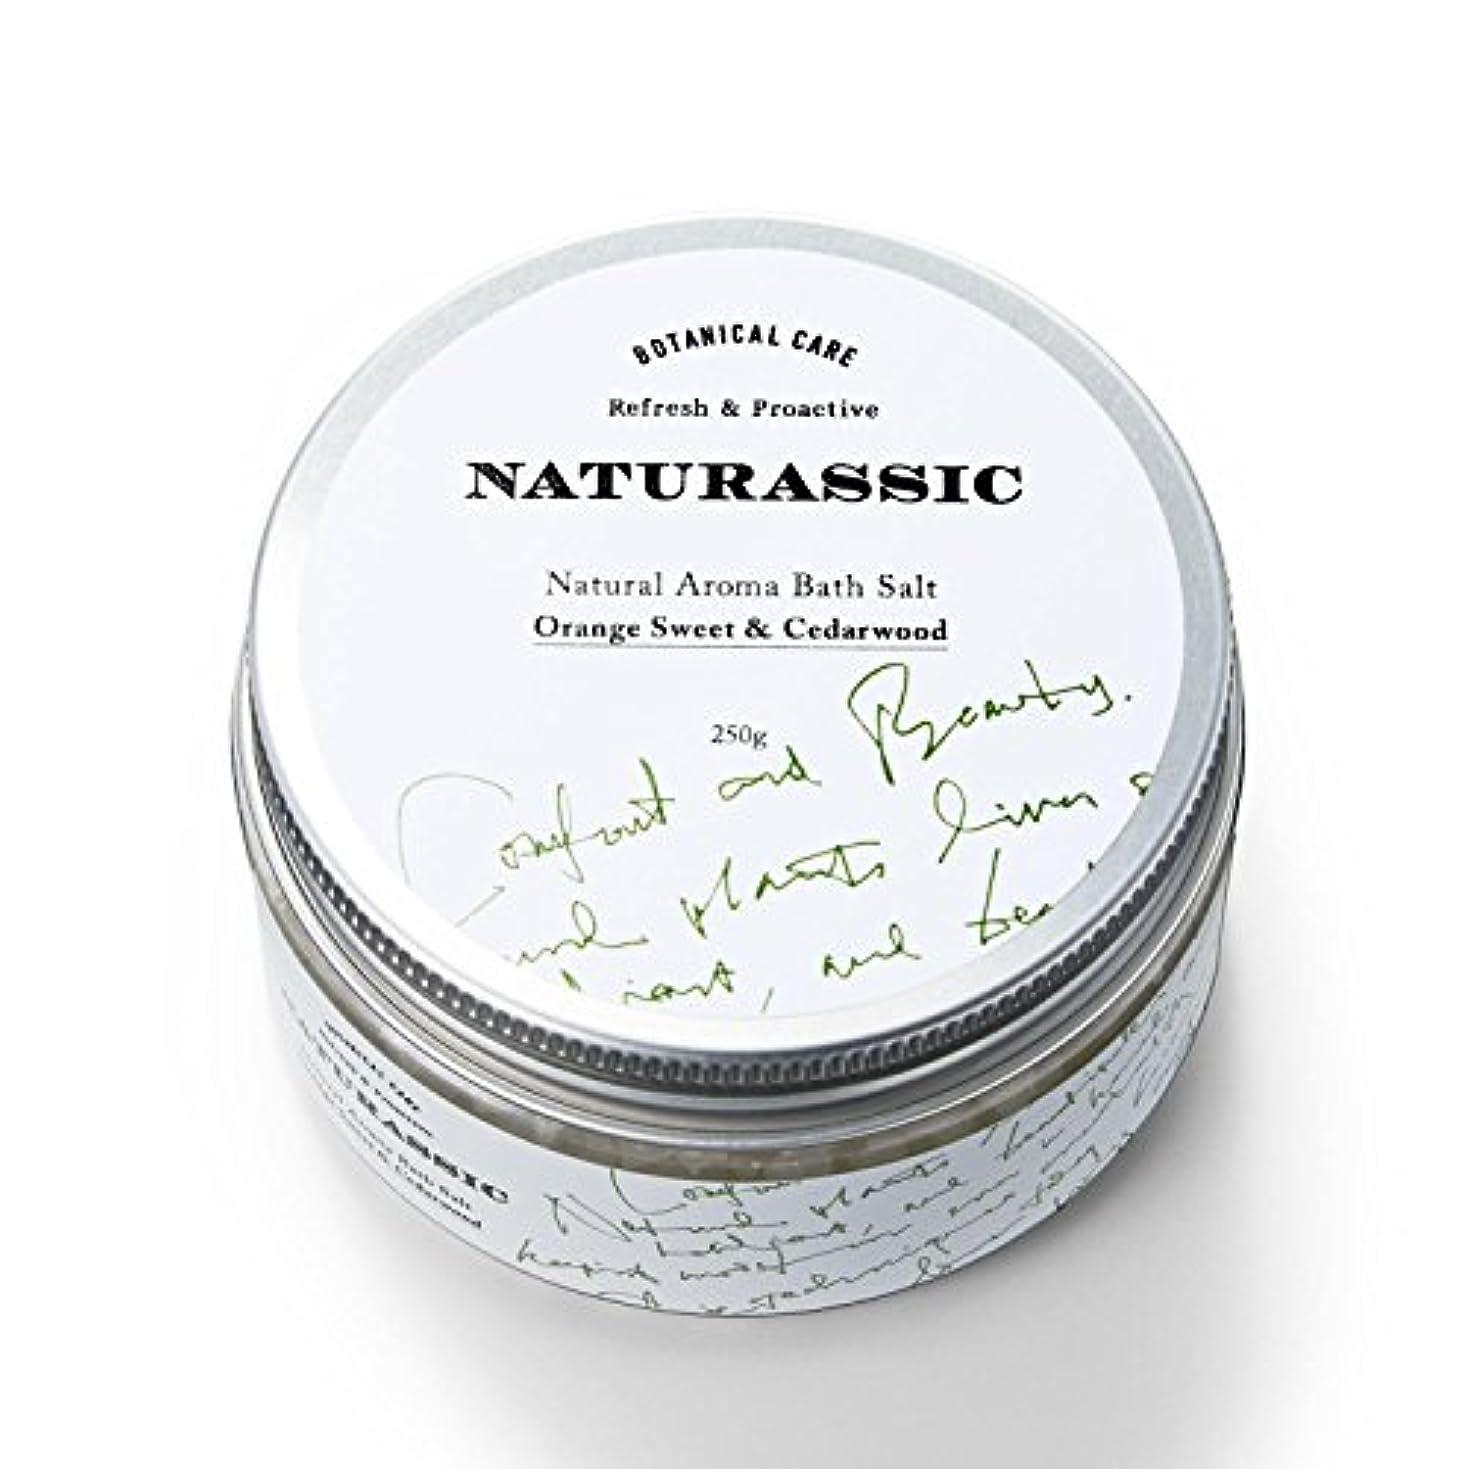 フェリーいわゆる相反するナチュラシック ナチュラルアロマバスソルトOC オレンジスイート&シダーウッドの香り 250g [天然由来成分100%]